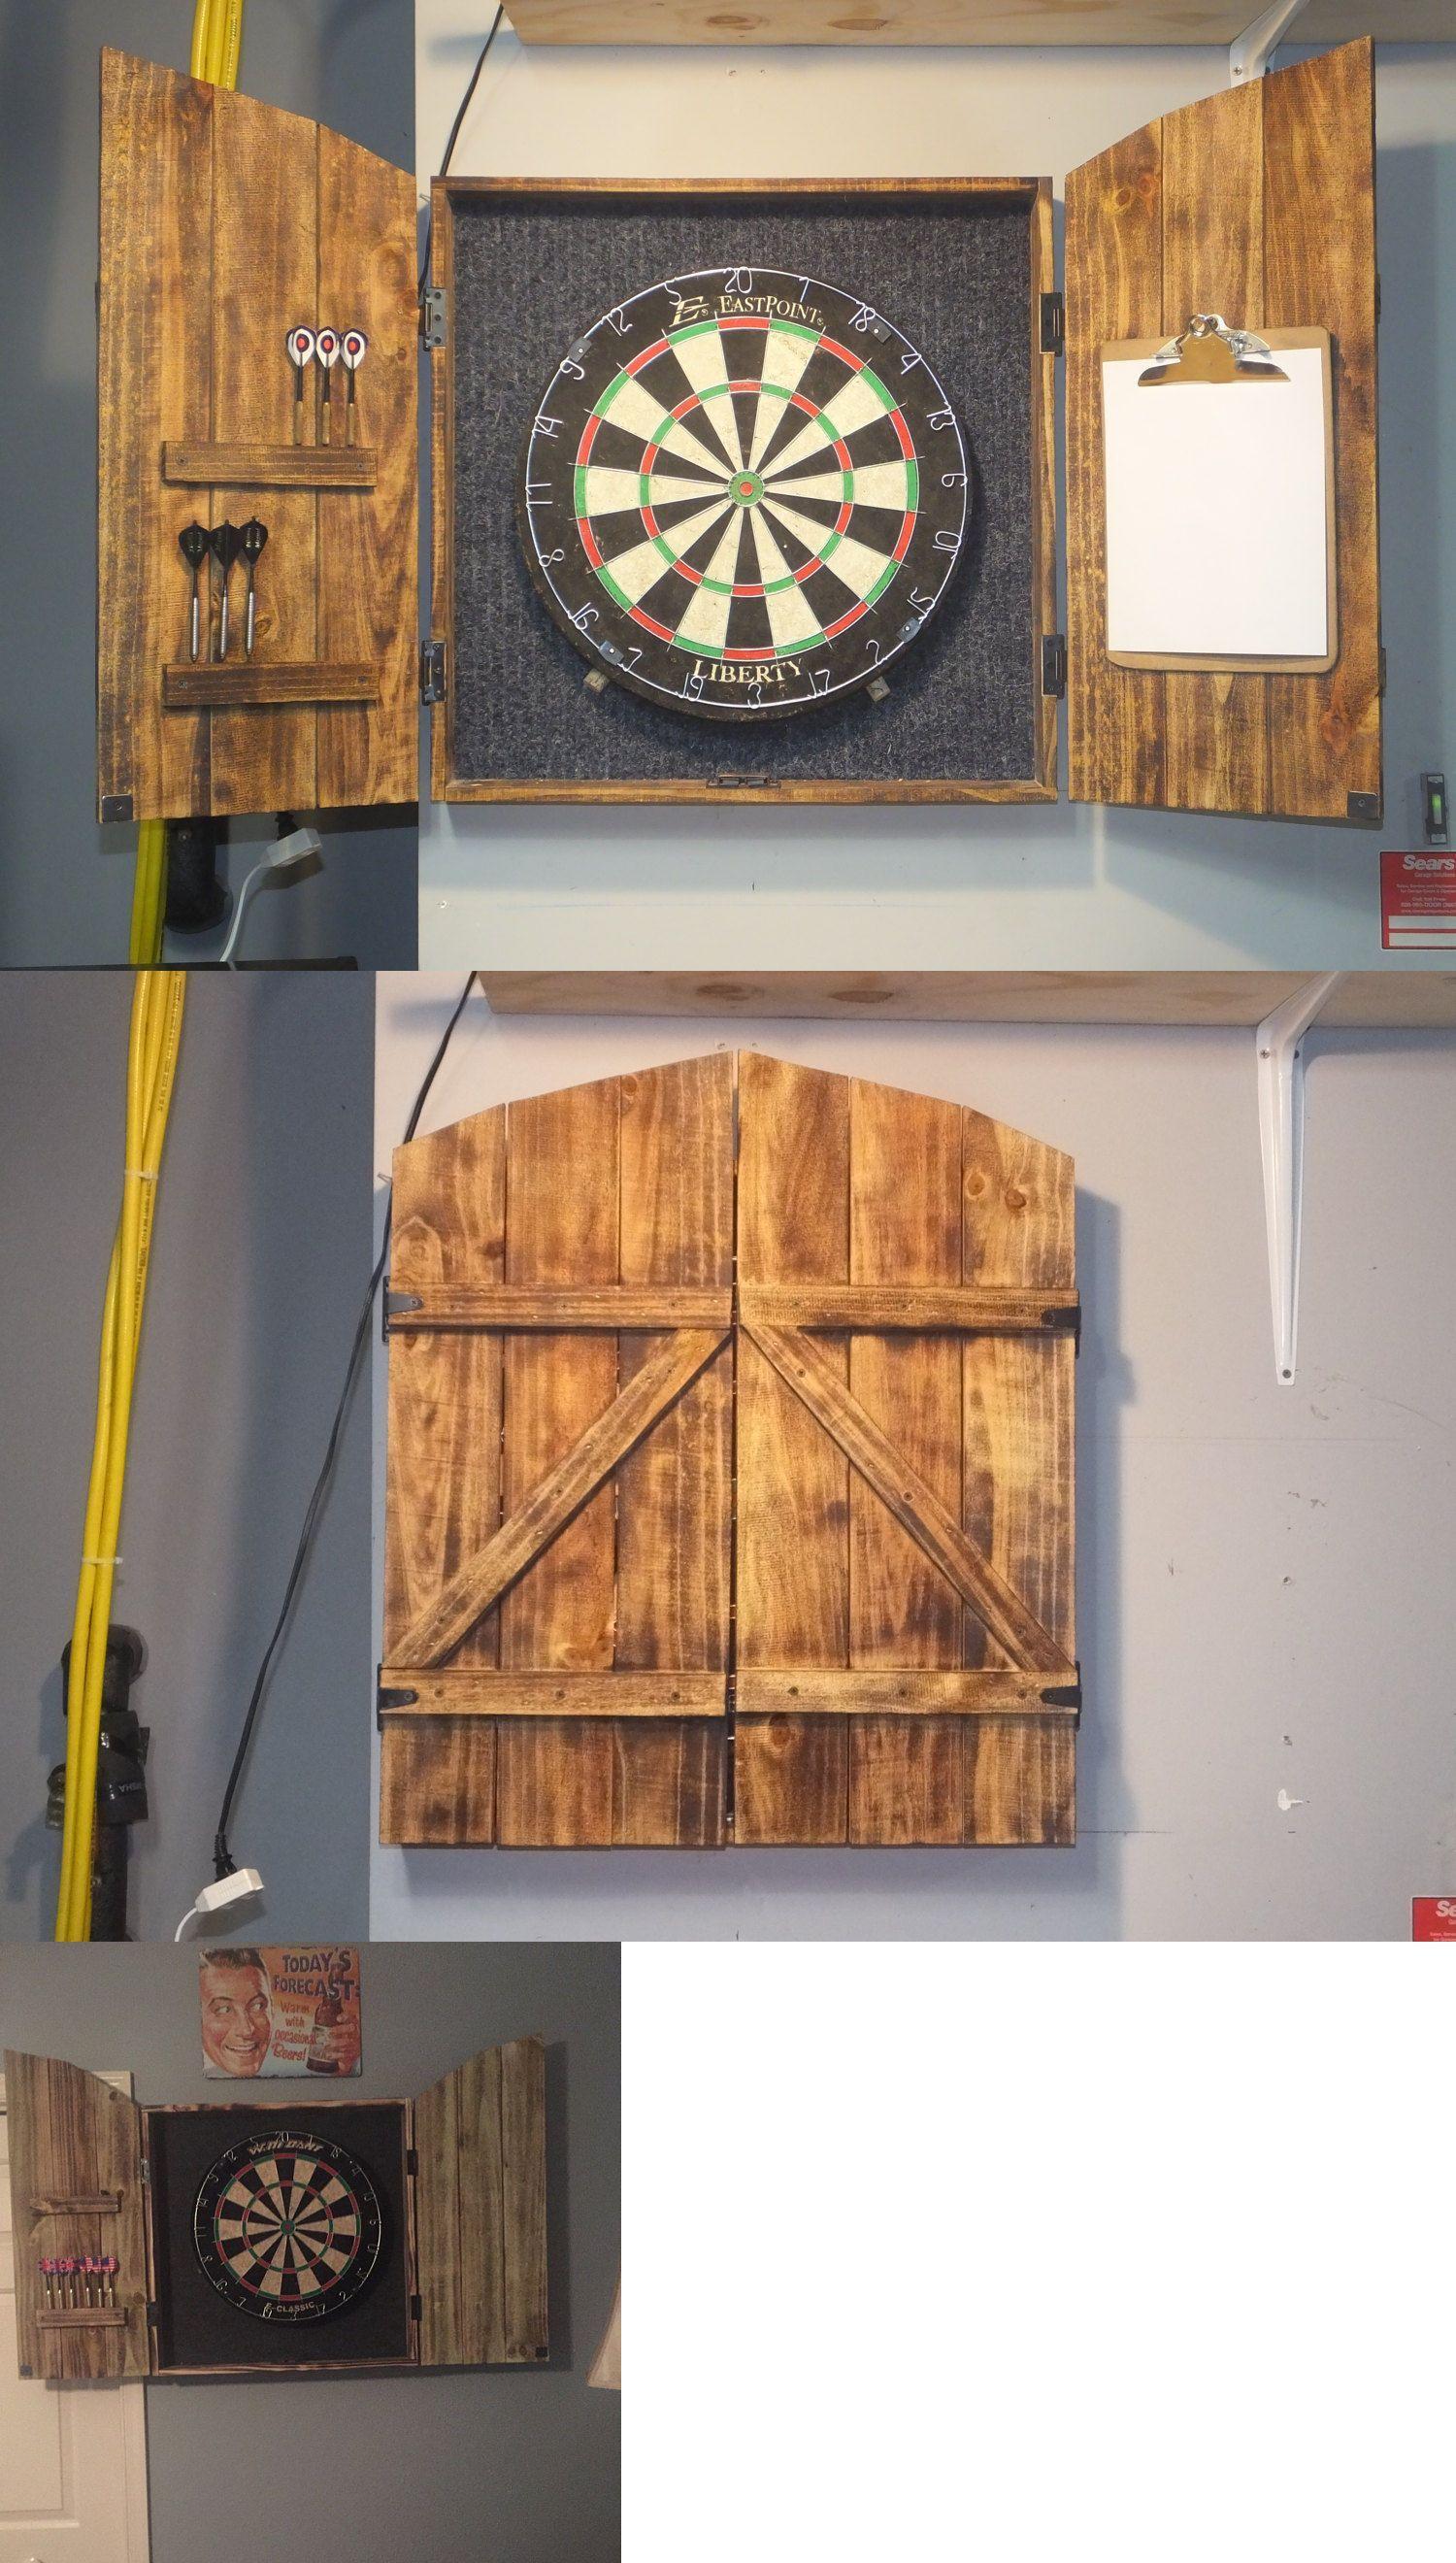 Dart Boards 72576 Dartboard Cabinet Dart Board Solid Rustic Wood Set Dart Score In 2020 Dartboard Cabinet Diy Dart Board Cabinet Dart Board